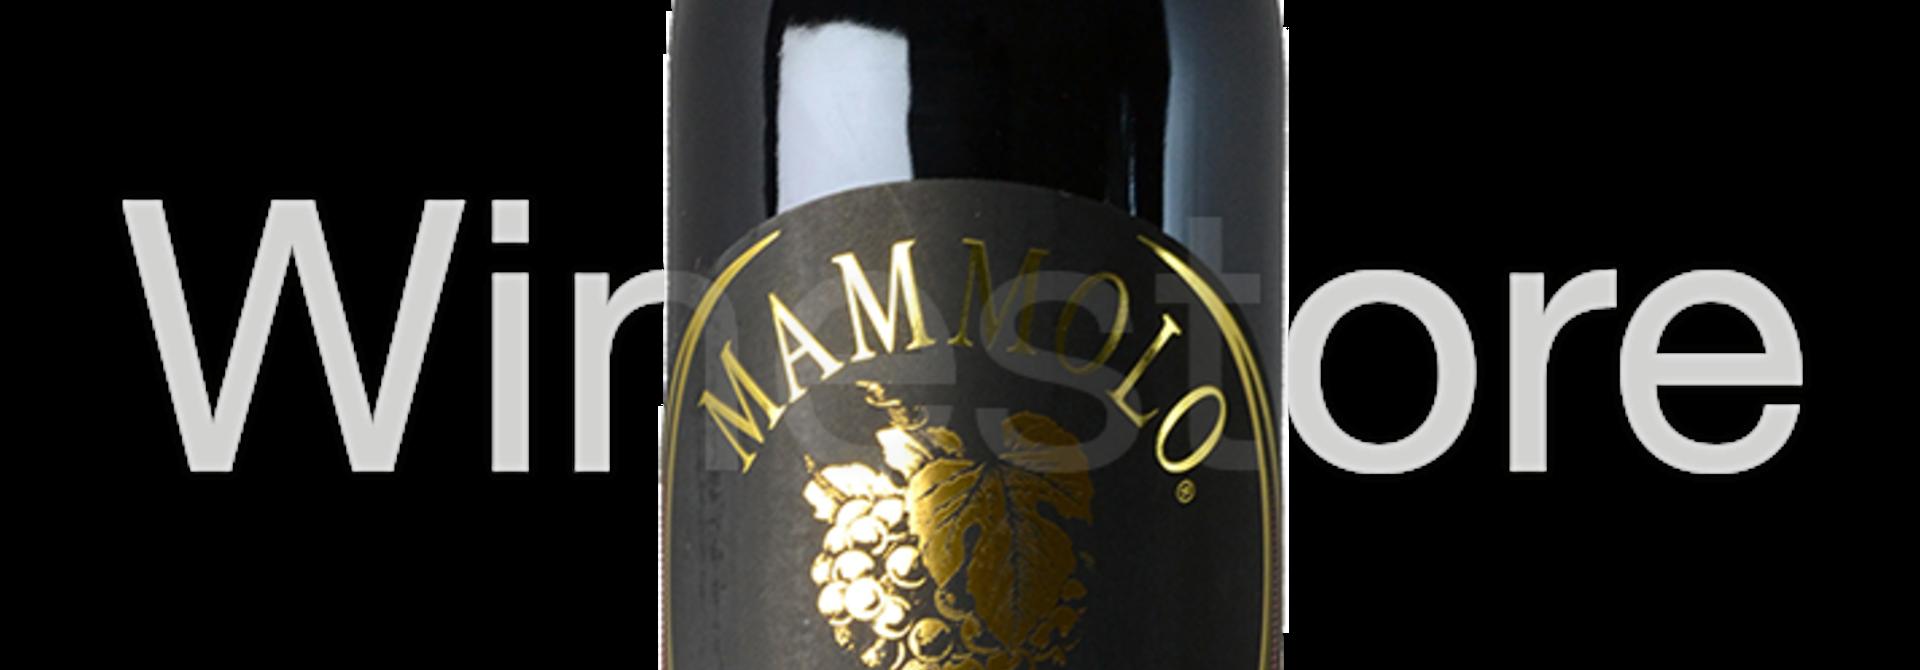 Cennatoio Mammolo Toscana Rosso 2010